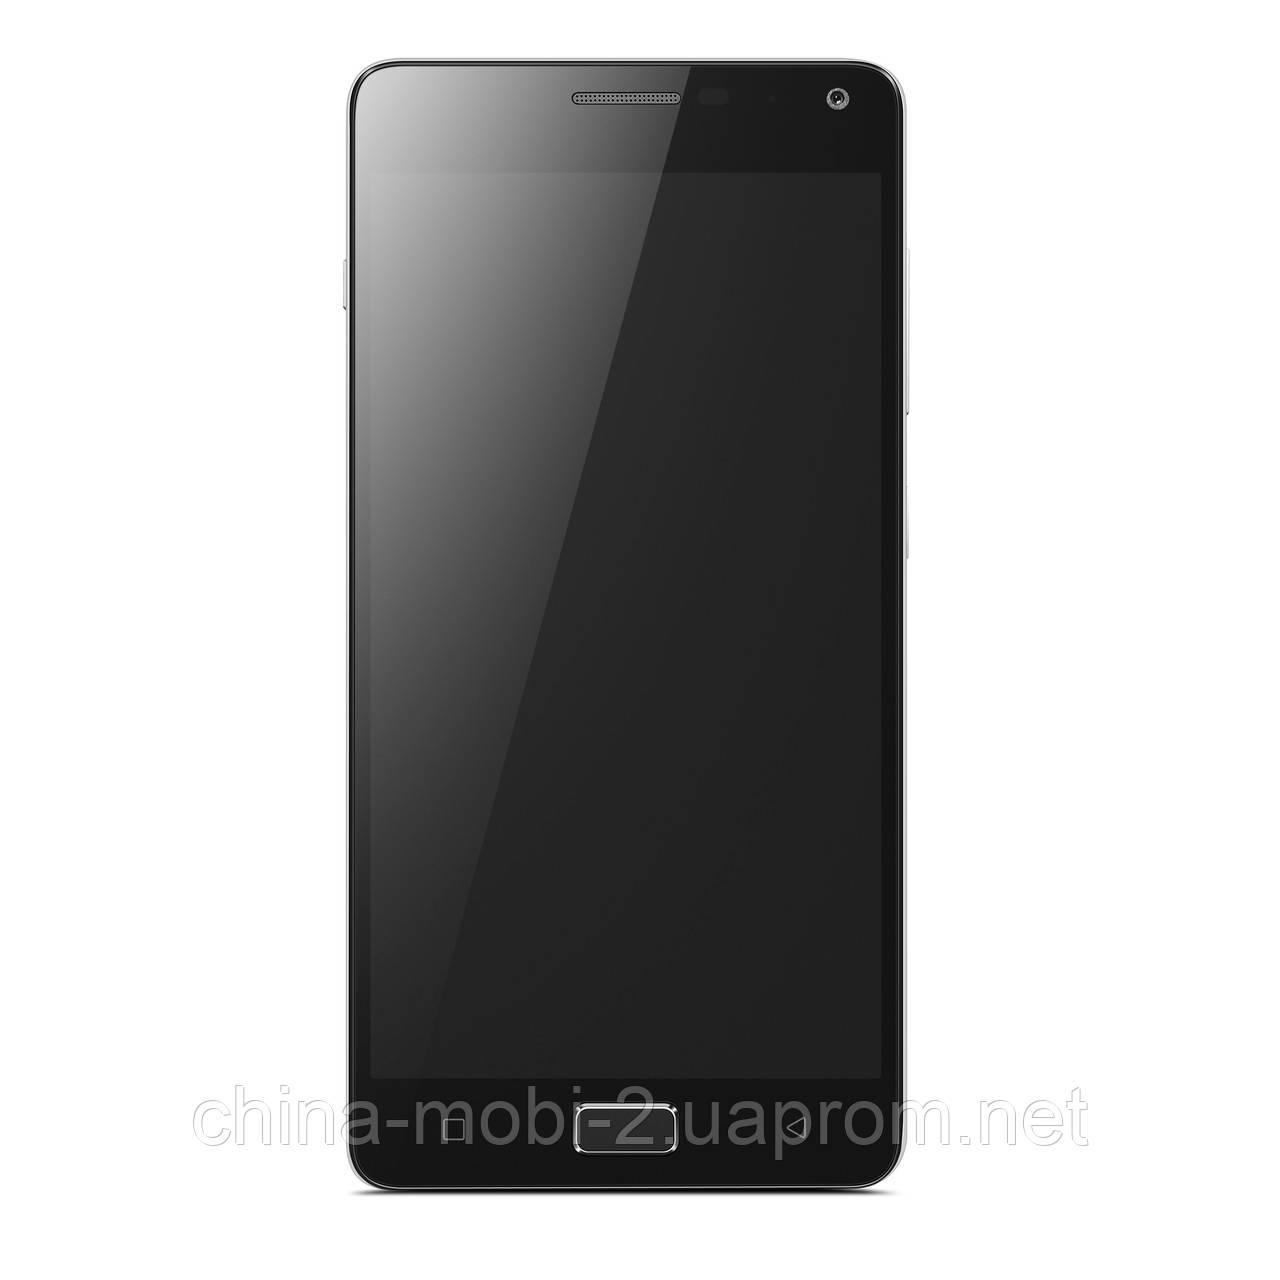 Смартфон Lenovo Vibe P1 Pro 32GB Silver